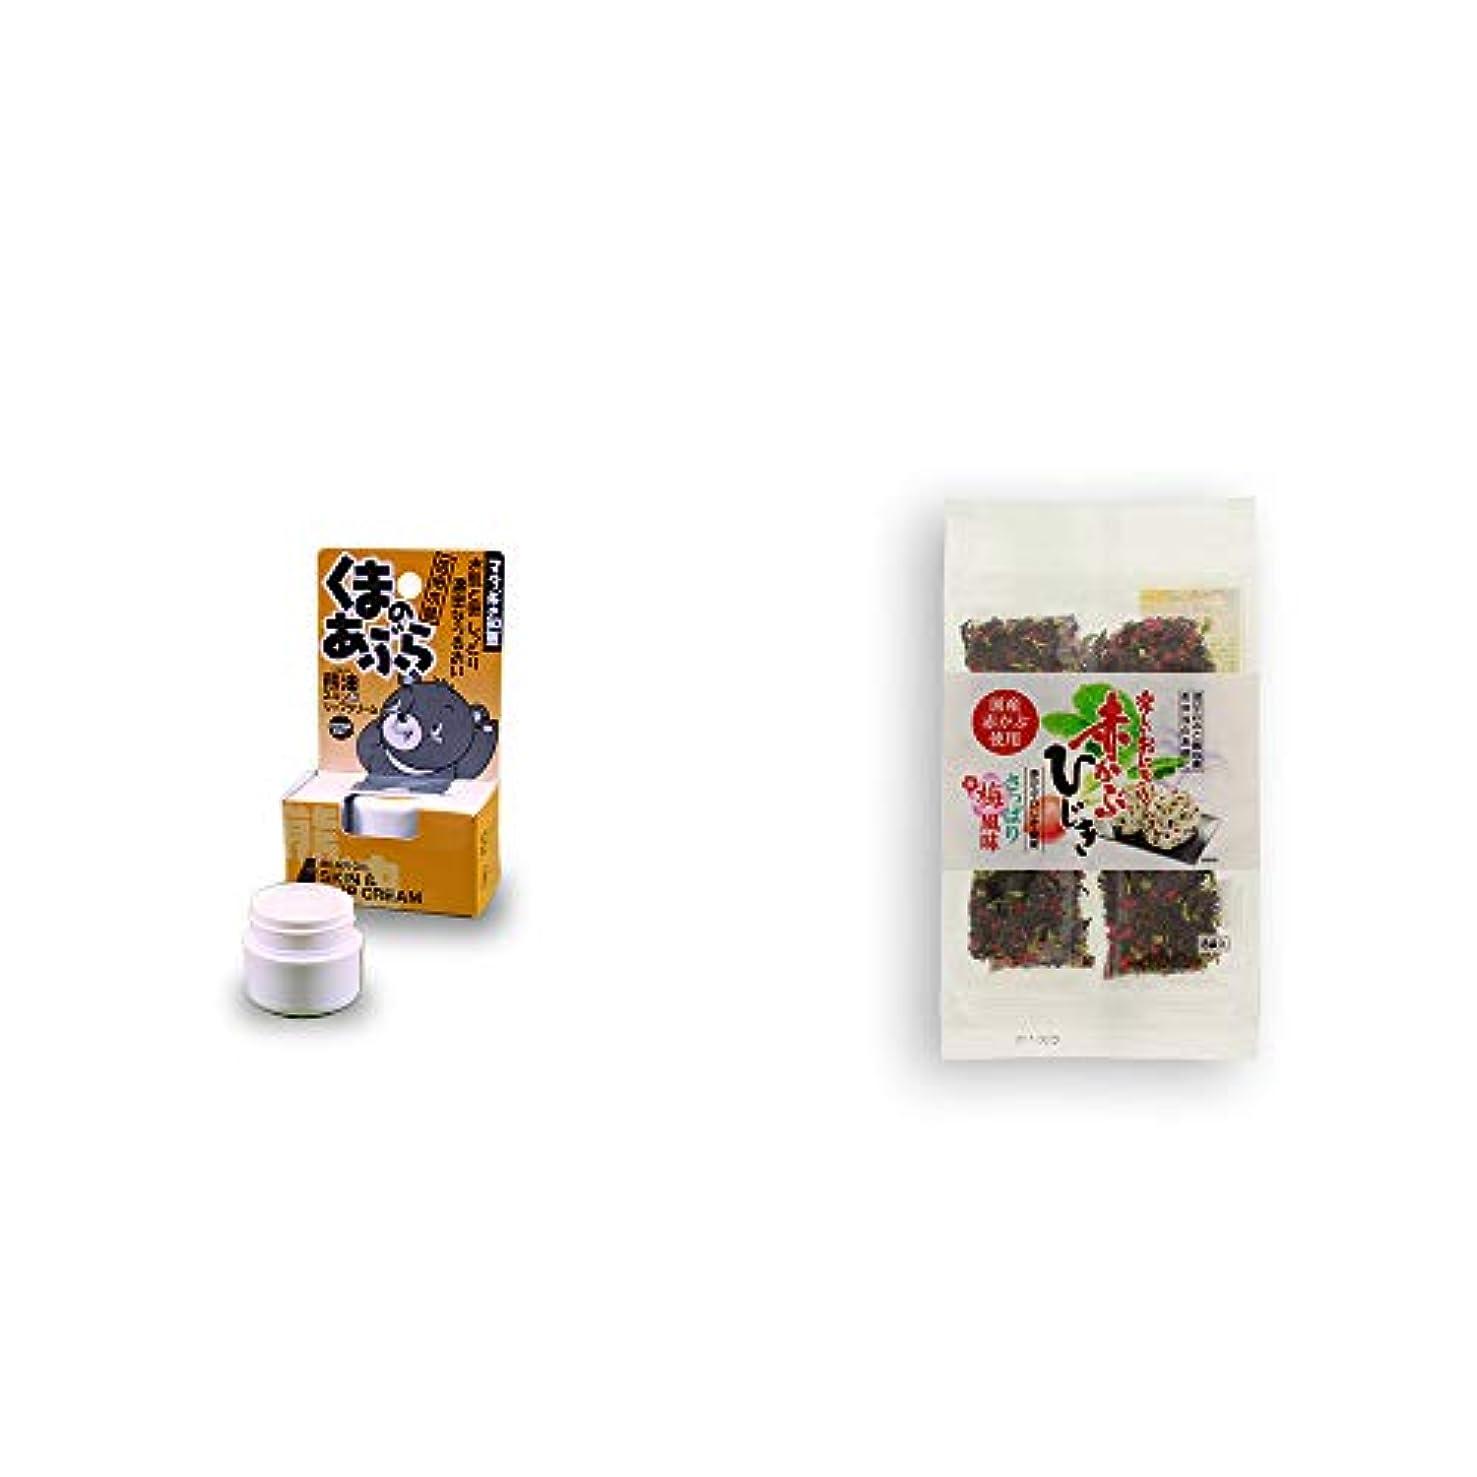 気味の悪い鳴らす寄稿者[2点セット] 信州木曽 くまのあぶら 熊油スキン&リップクリーム(9g)?楽しいおにぎり 赤かぶひじき(8g×8袋)